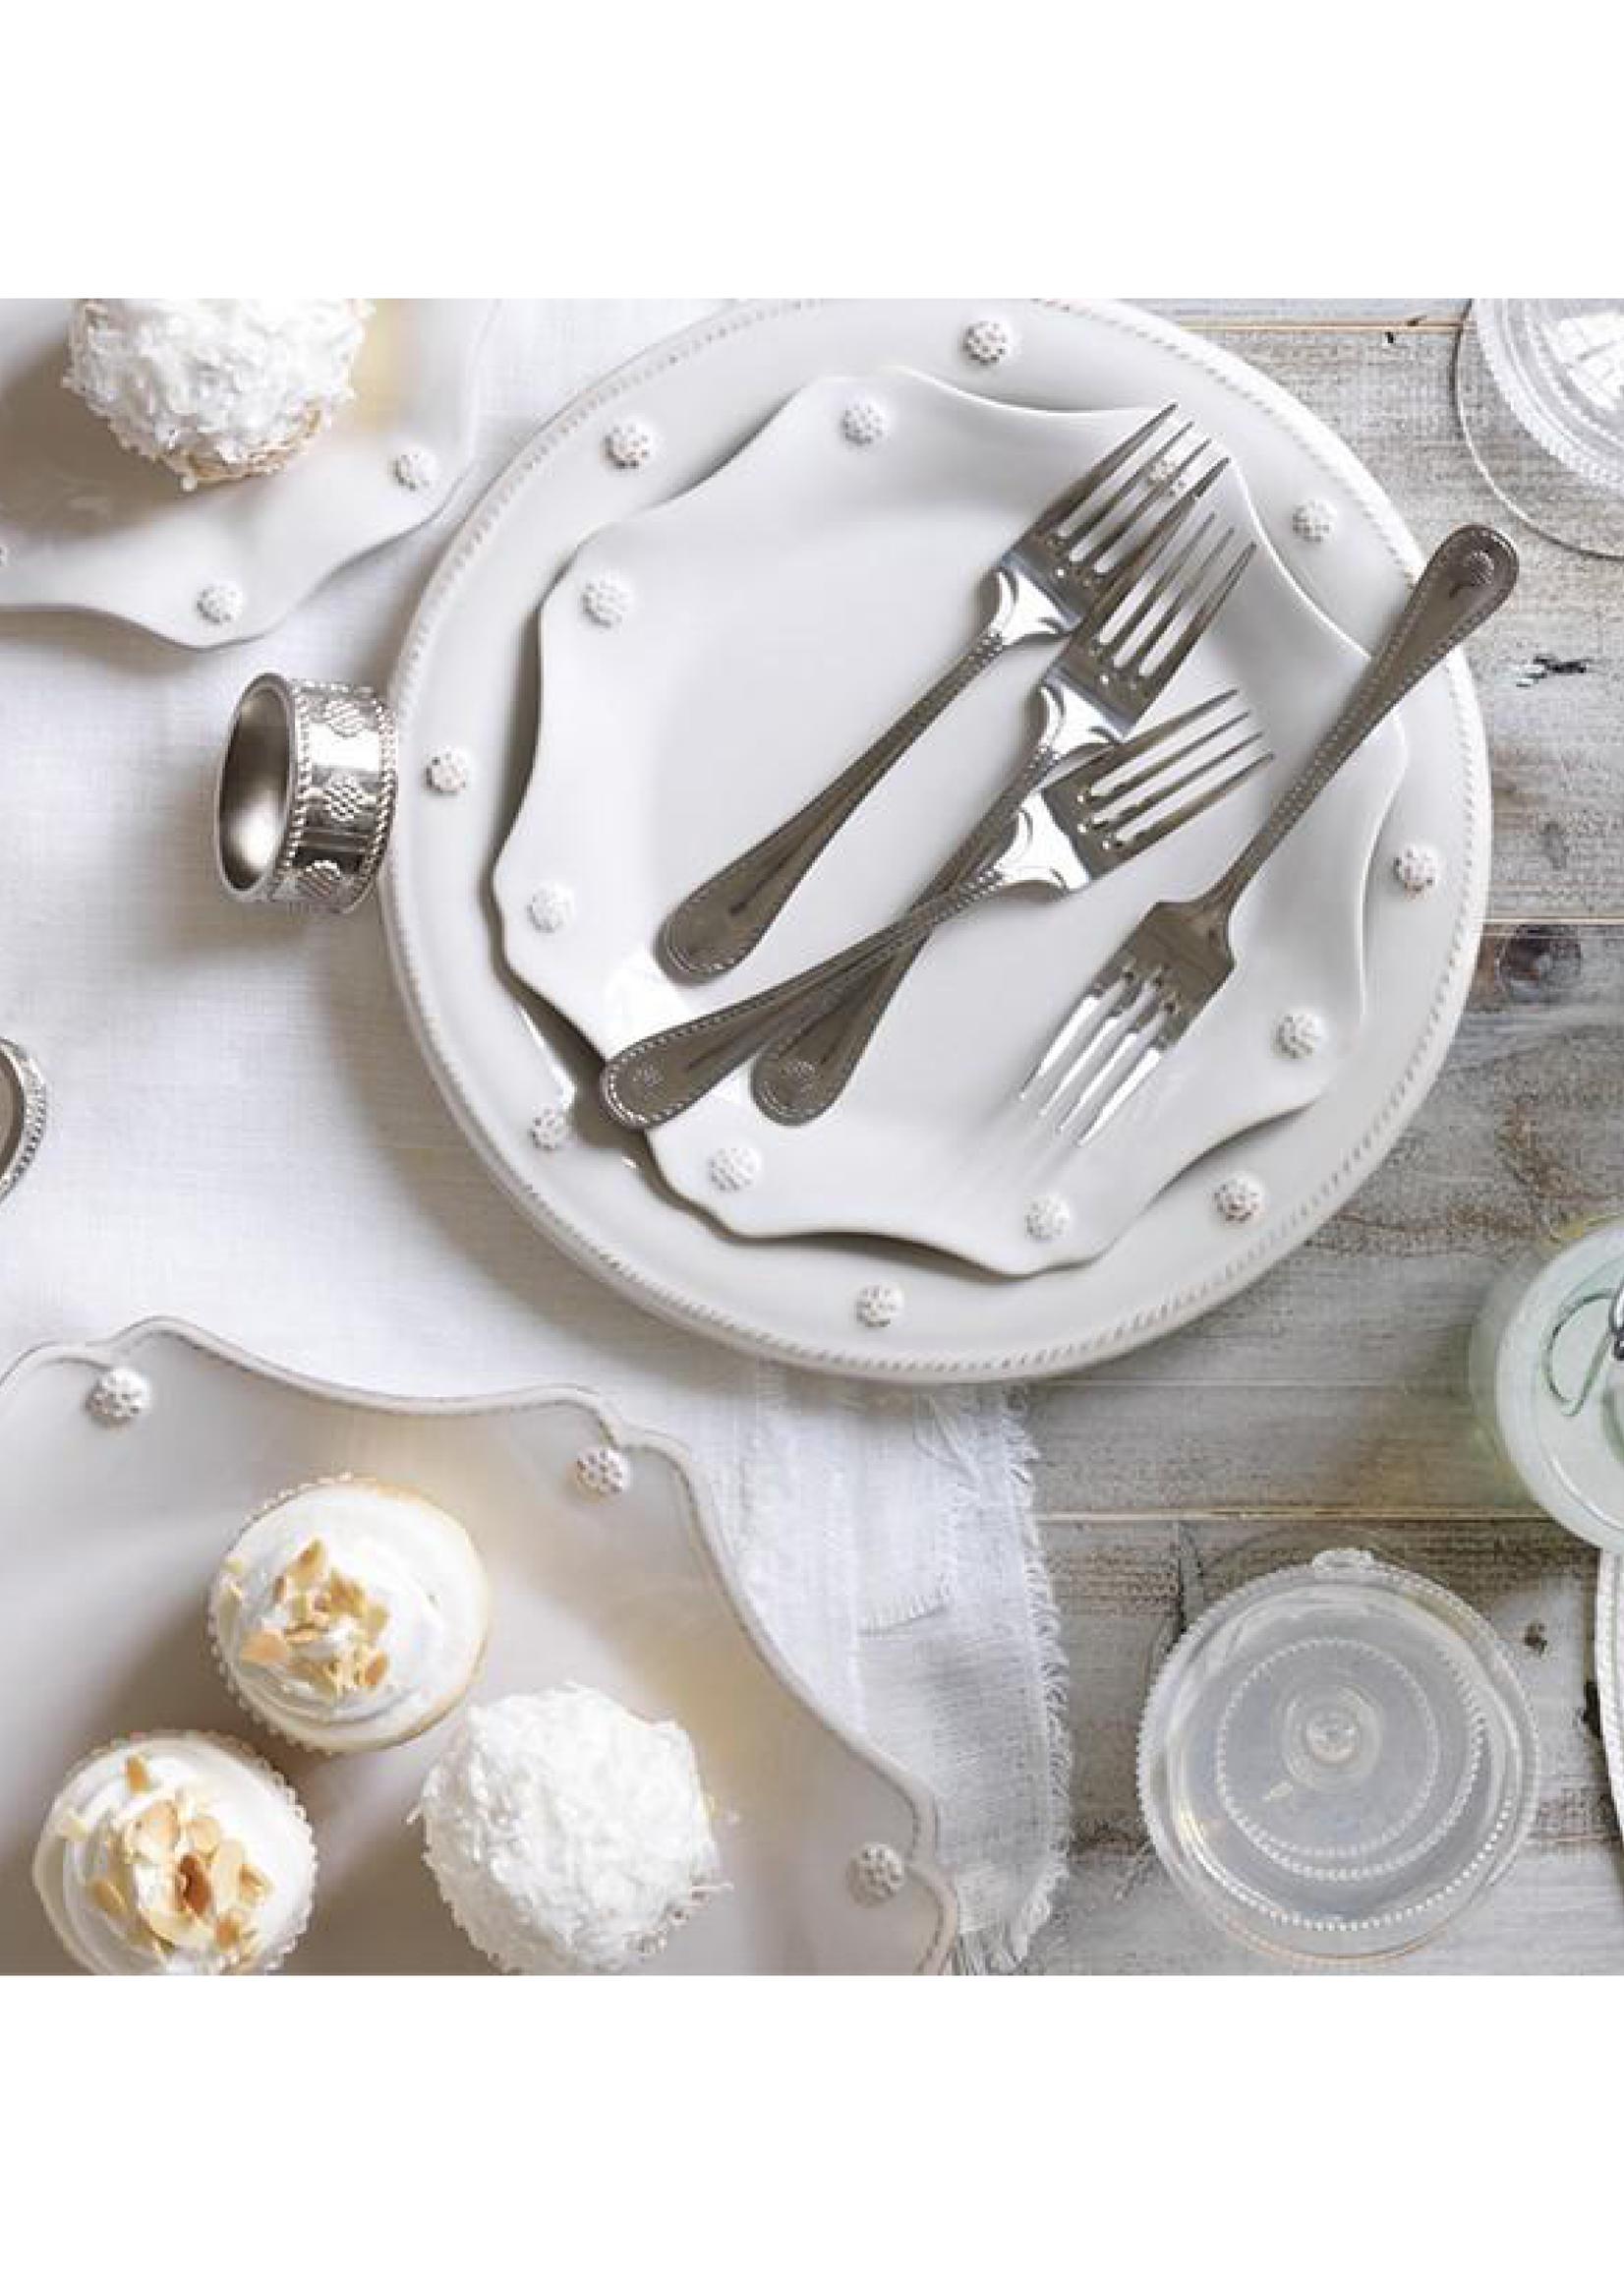 Juliska Berry & Thread Dinner, White